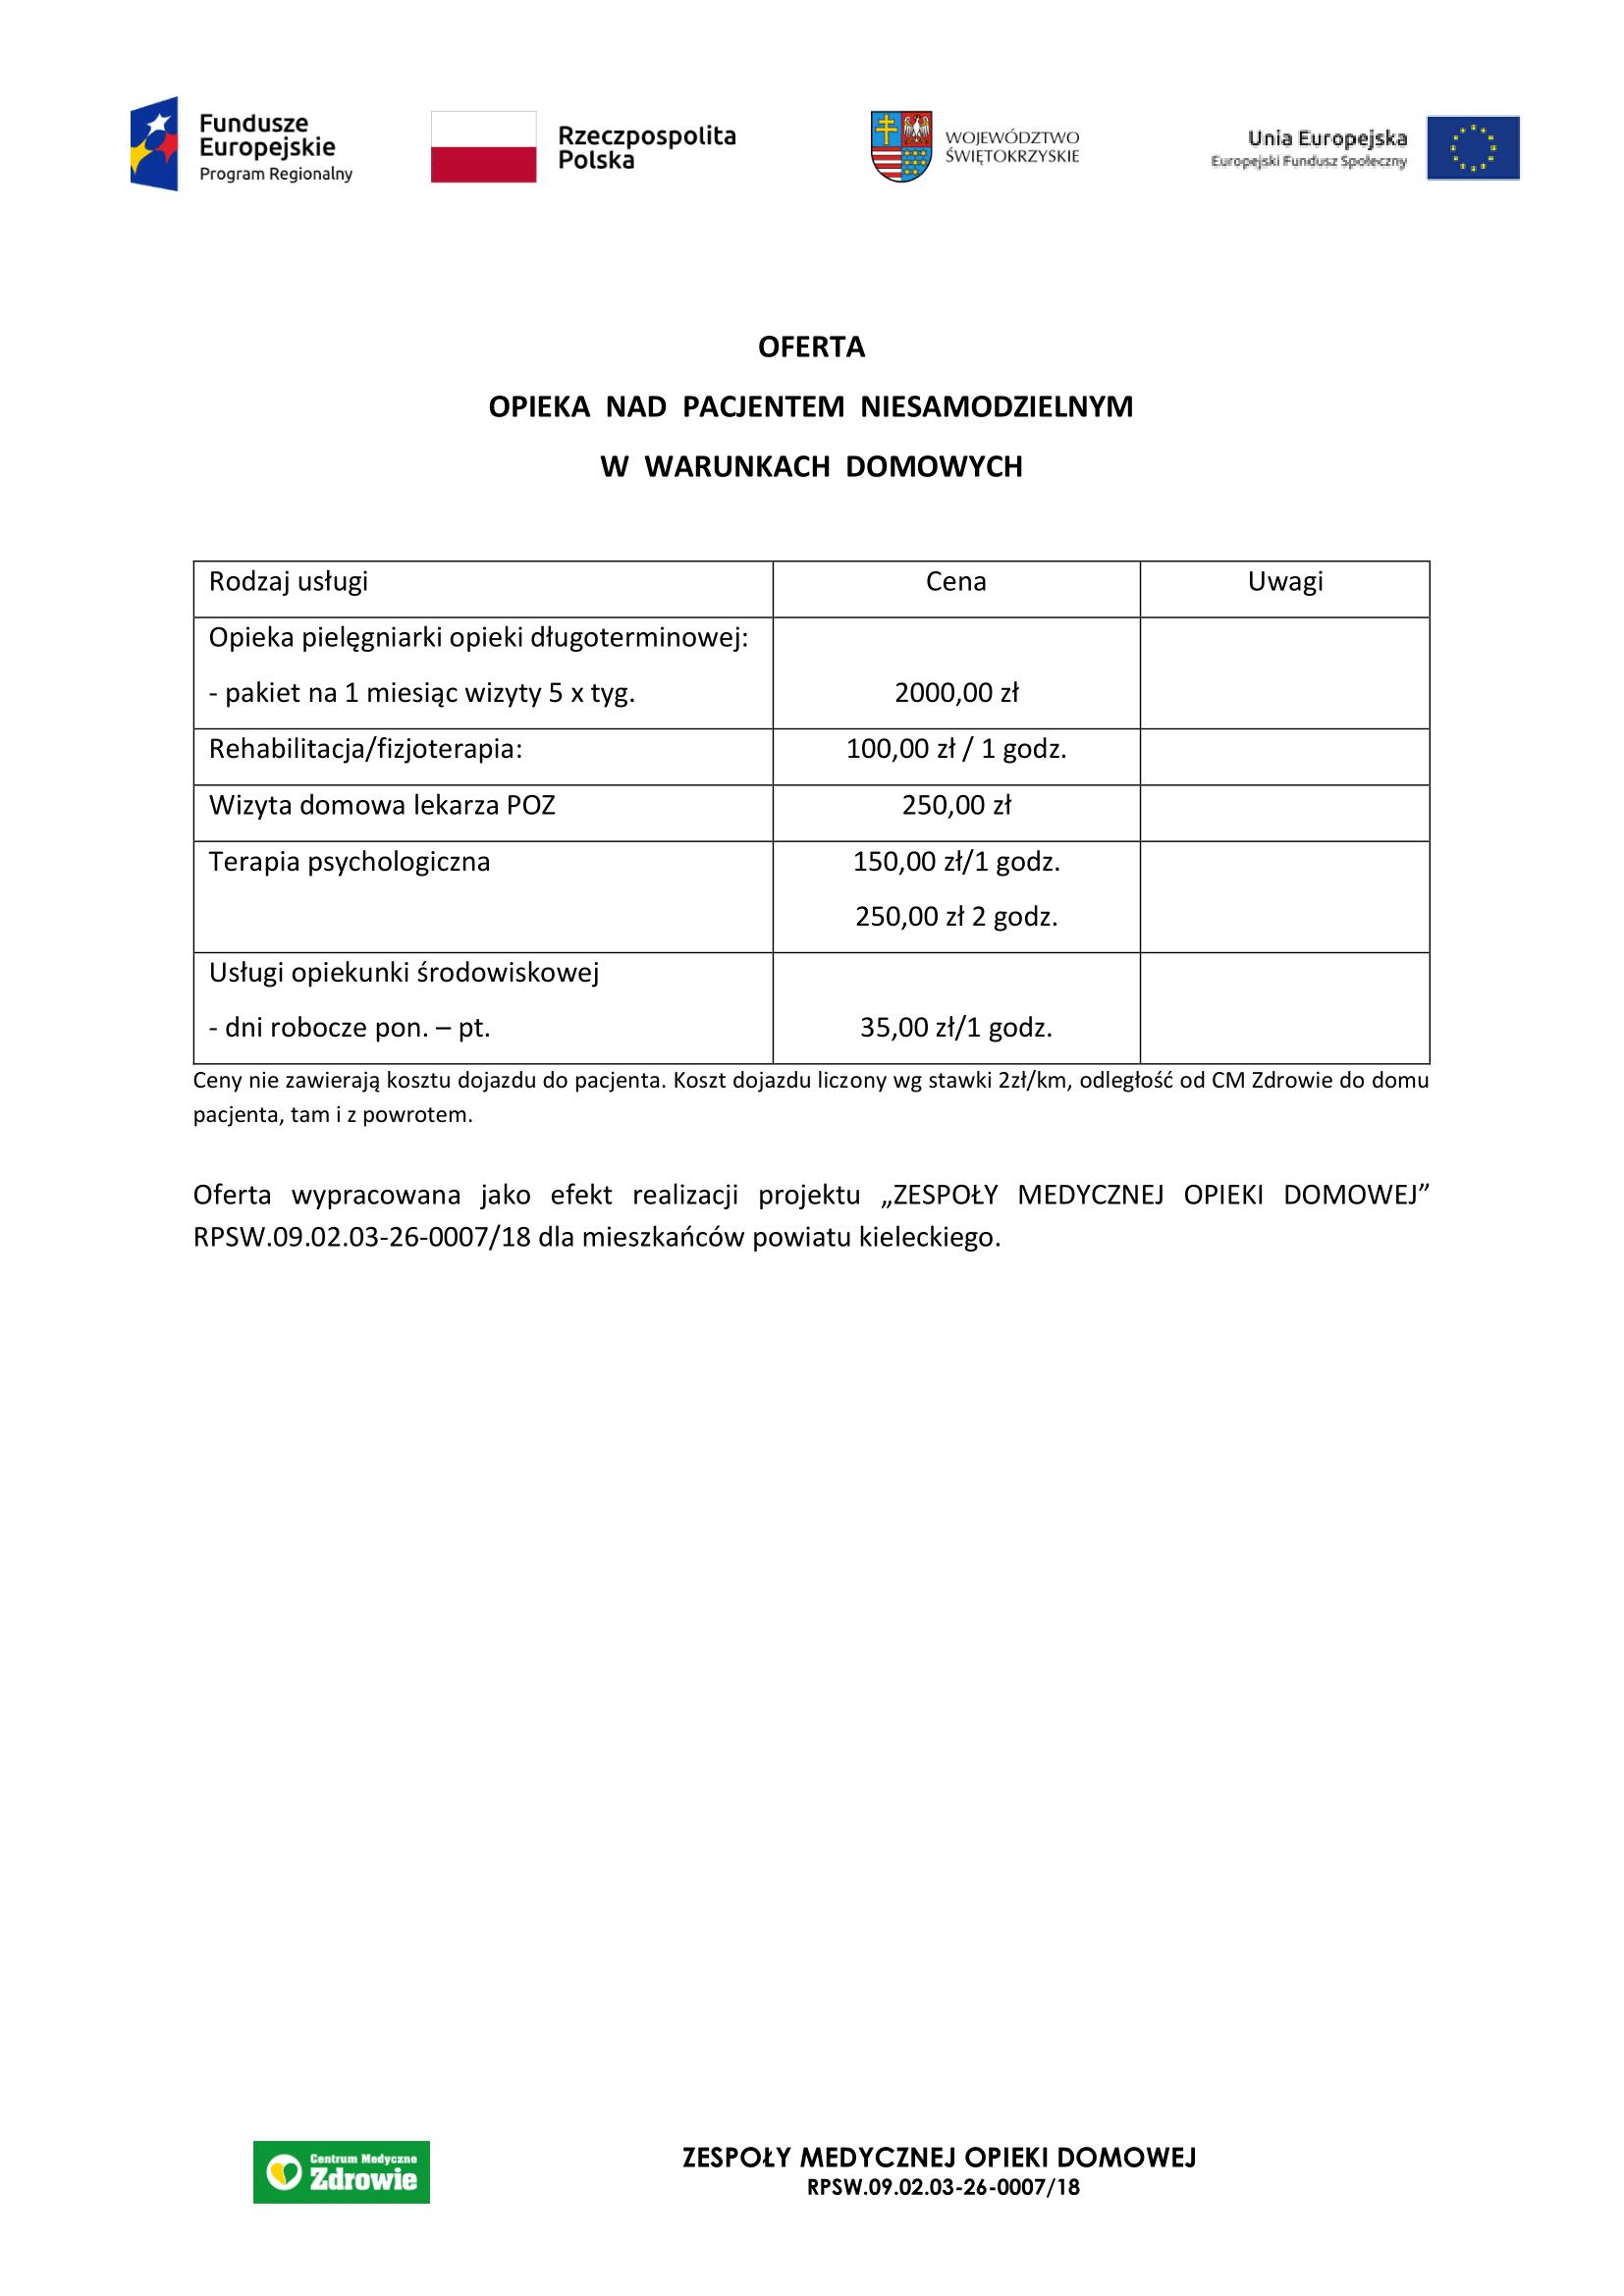 Opieka nad pacjentem niesamodzielnym w warunkach domowych – Zespoły Medycznej Opieki Domowej – powiat kielecki-1